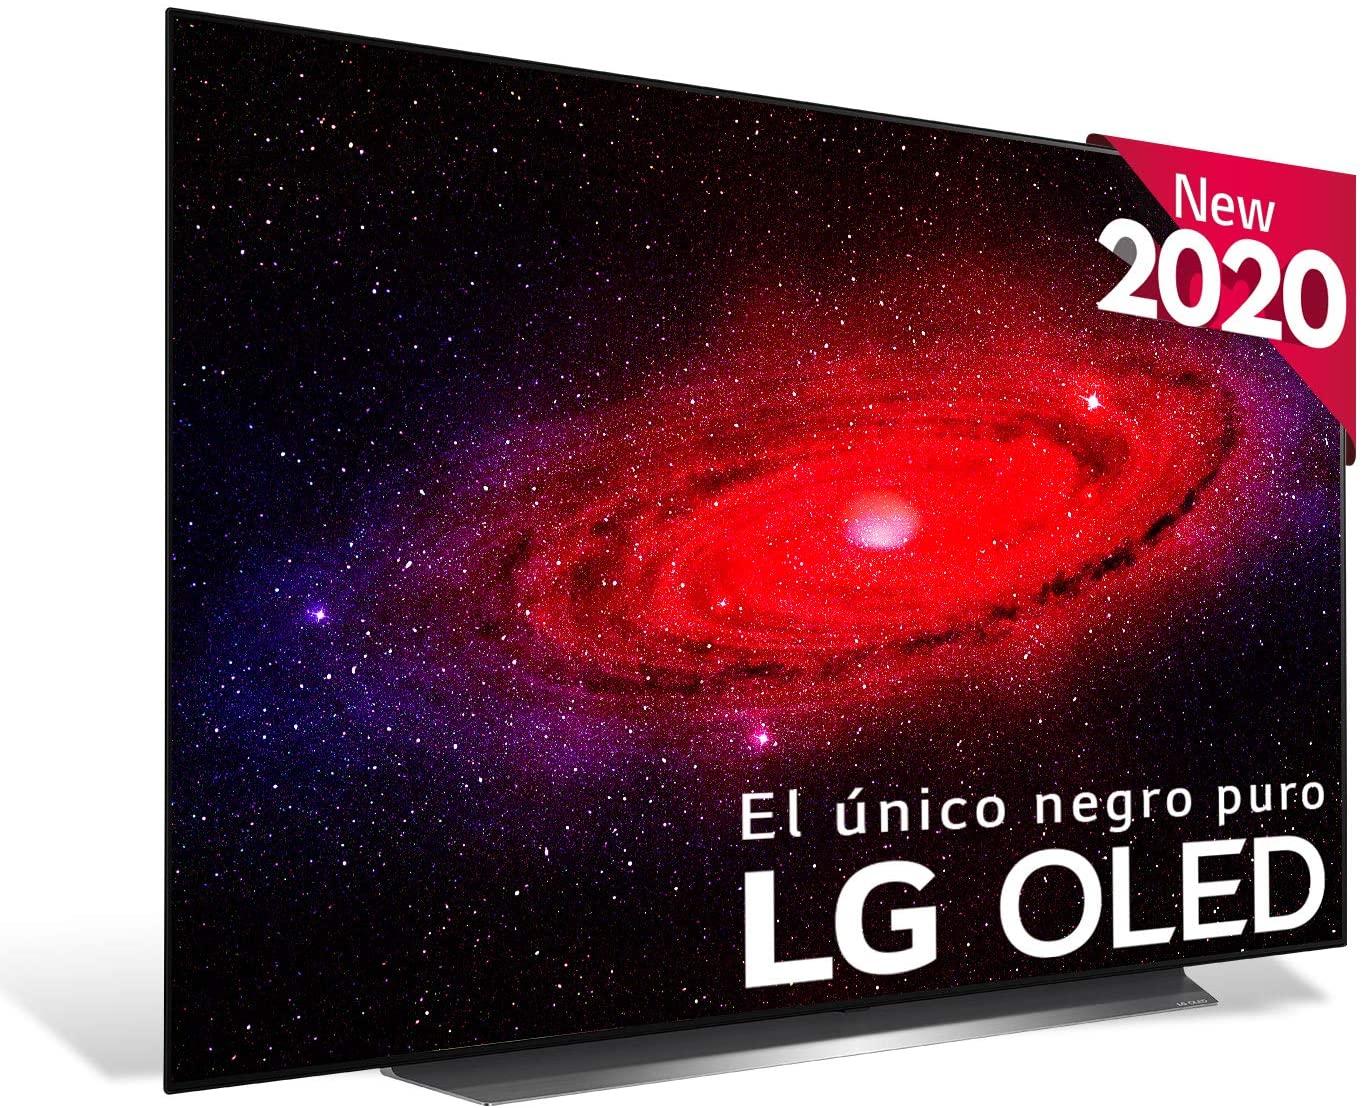 """TV 55"""" LG OLED 55CX6LA 4K IA, HDR Dolby Vision IQ y Smart TV (ECI Plus)"""